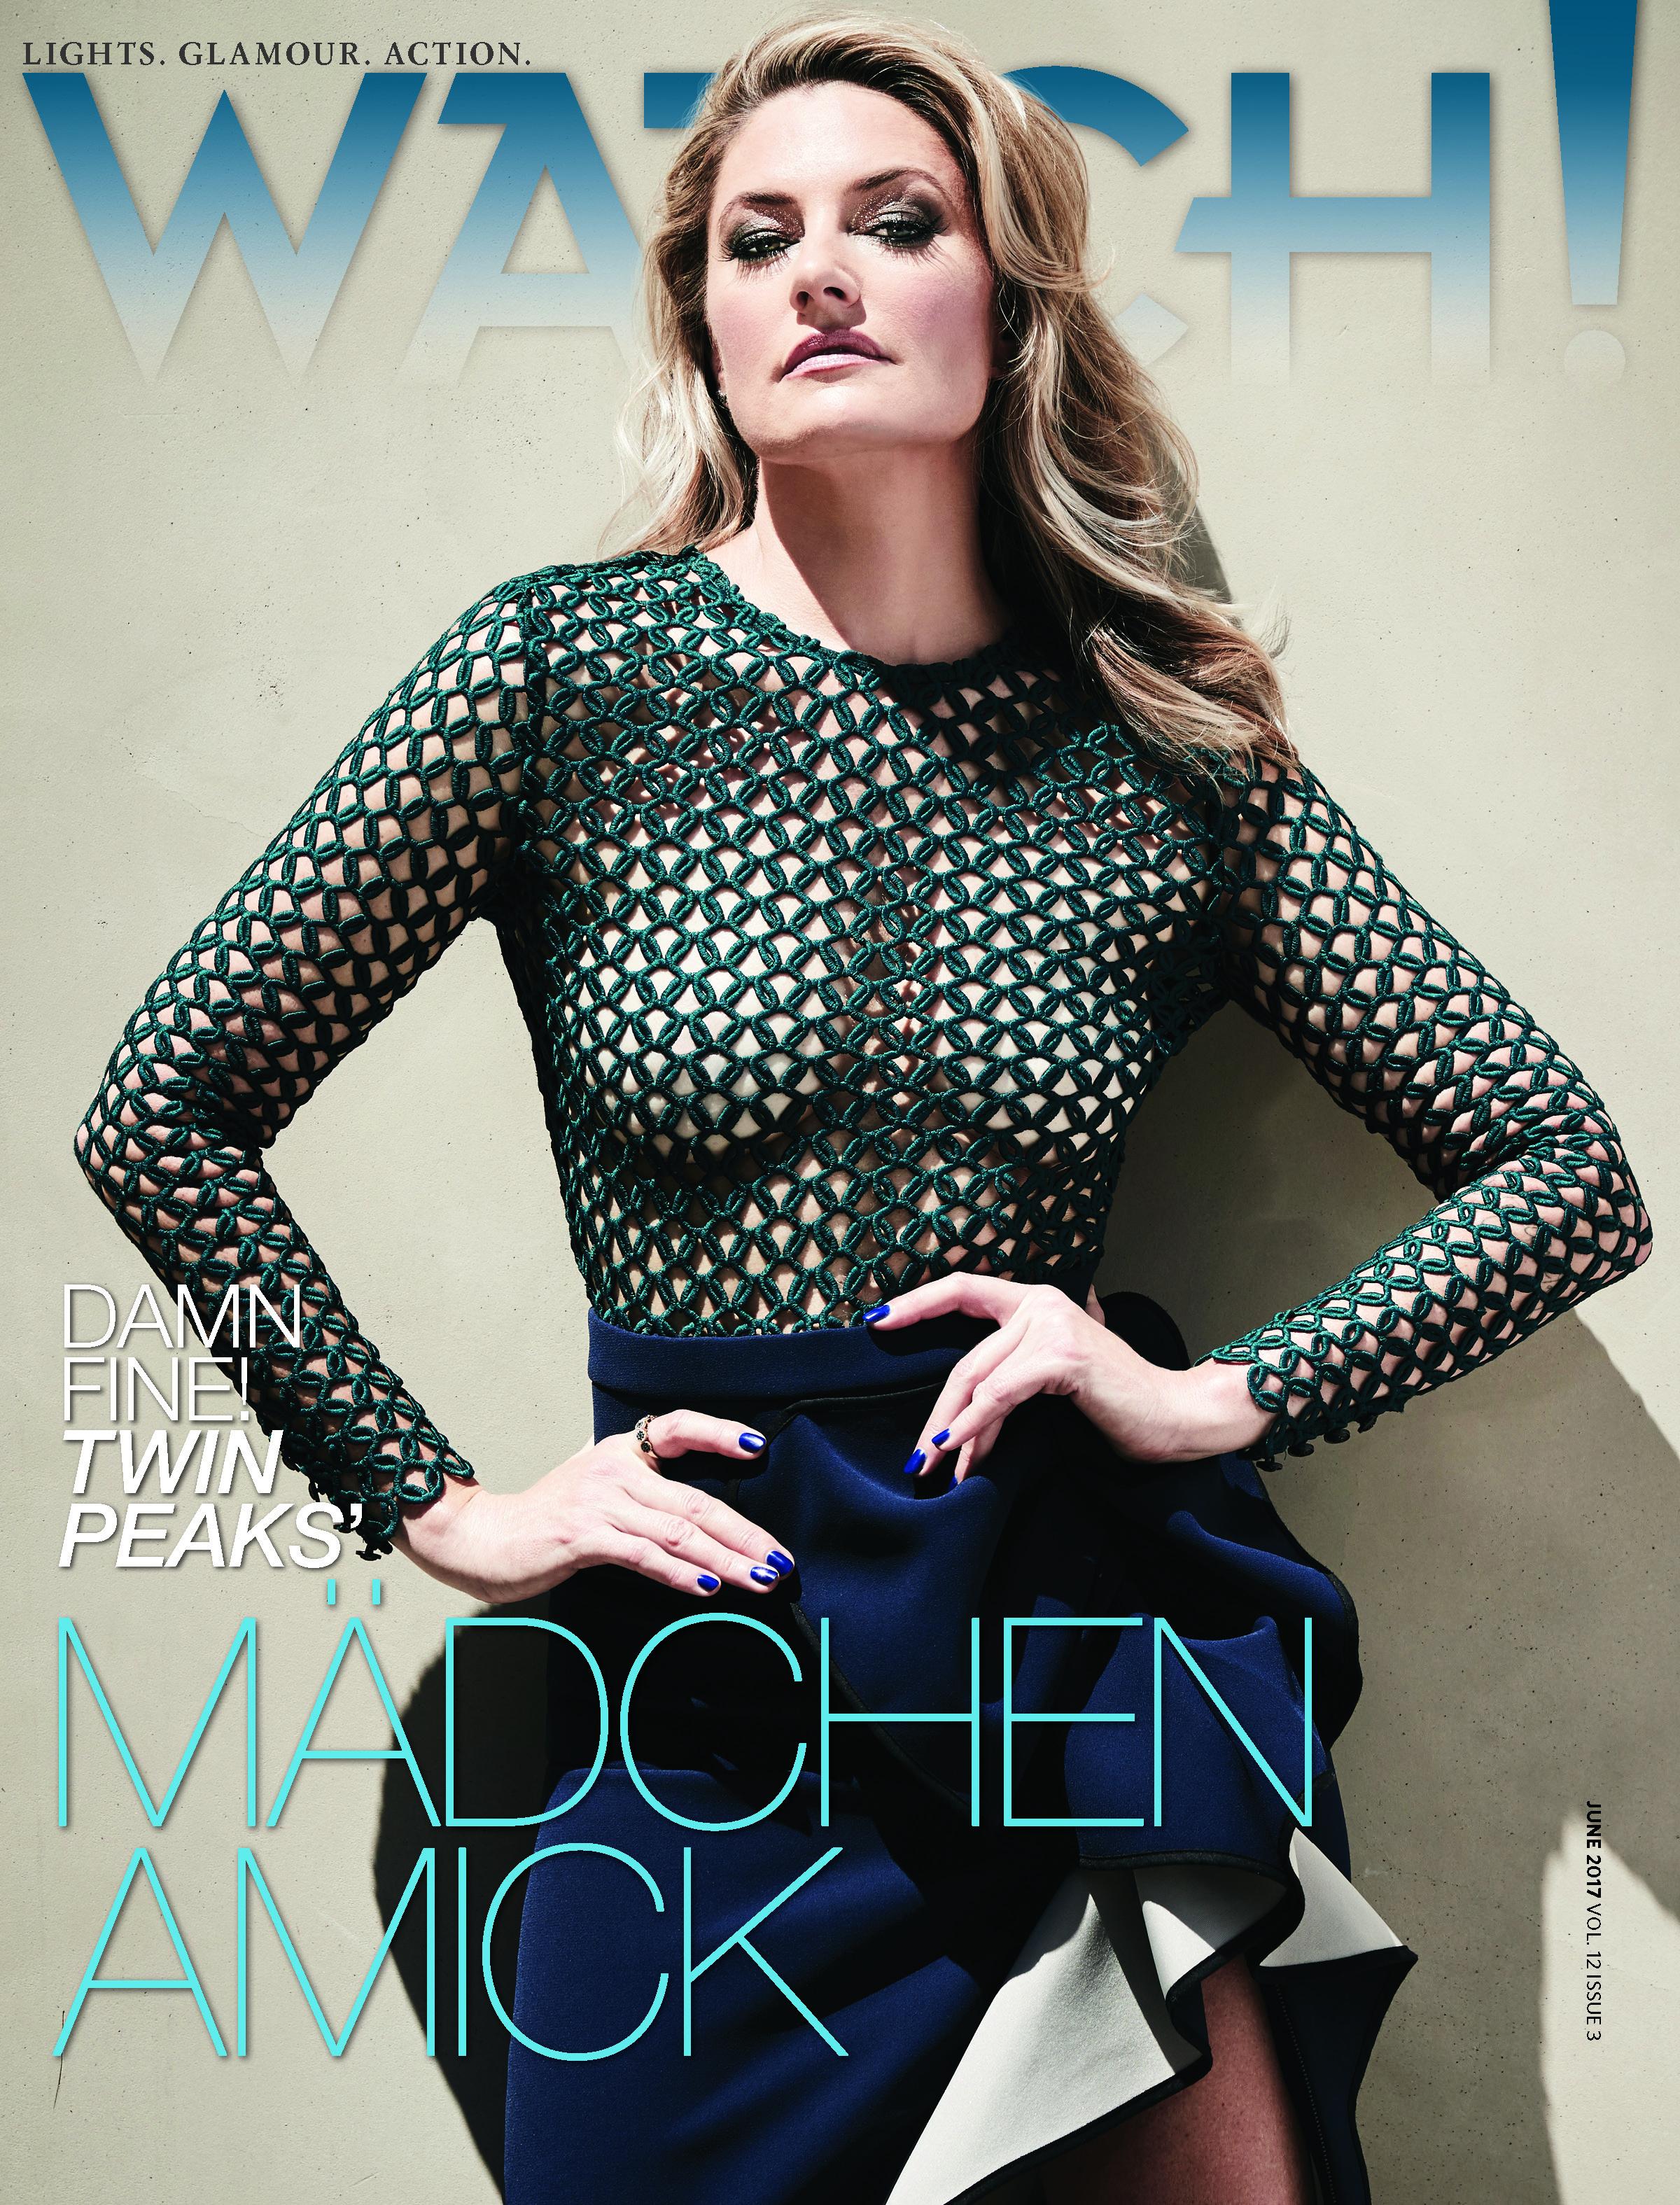 CBS_0617_C1_COVER_Madchen_Amick